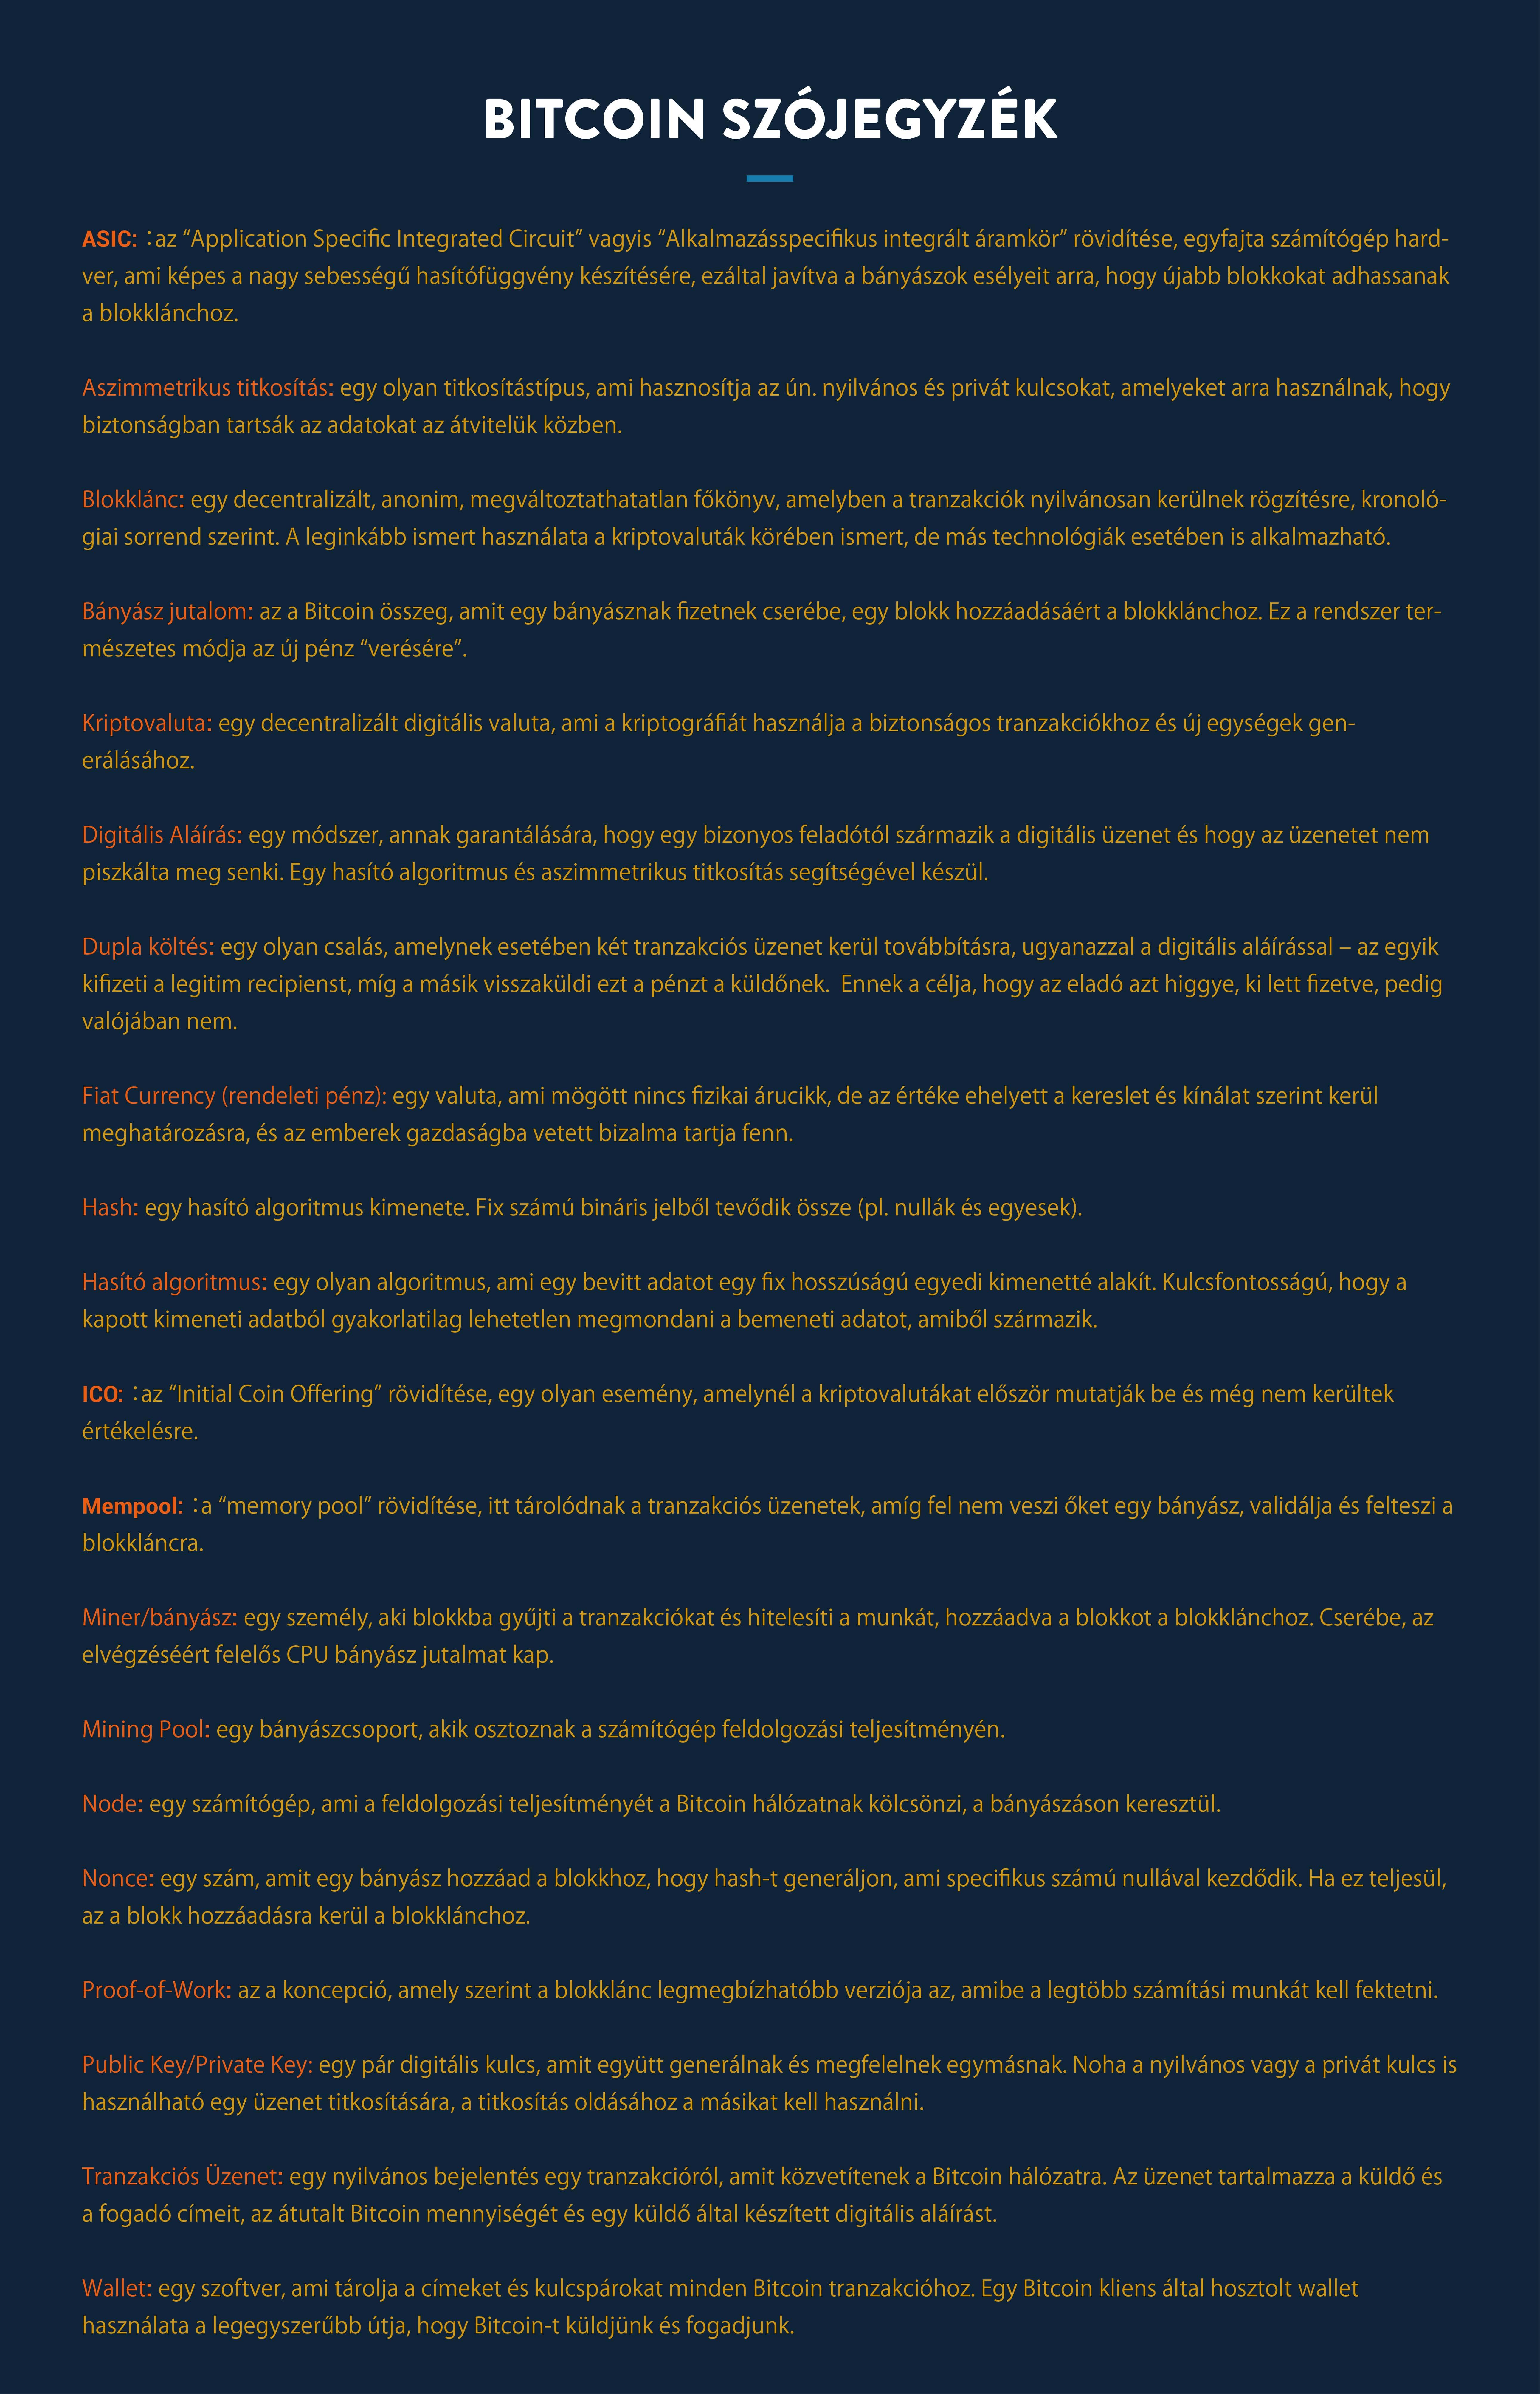 ebay bitcoin bányászati szerződés